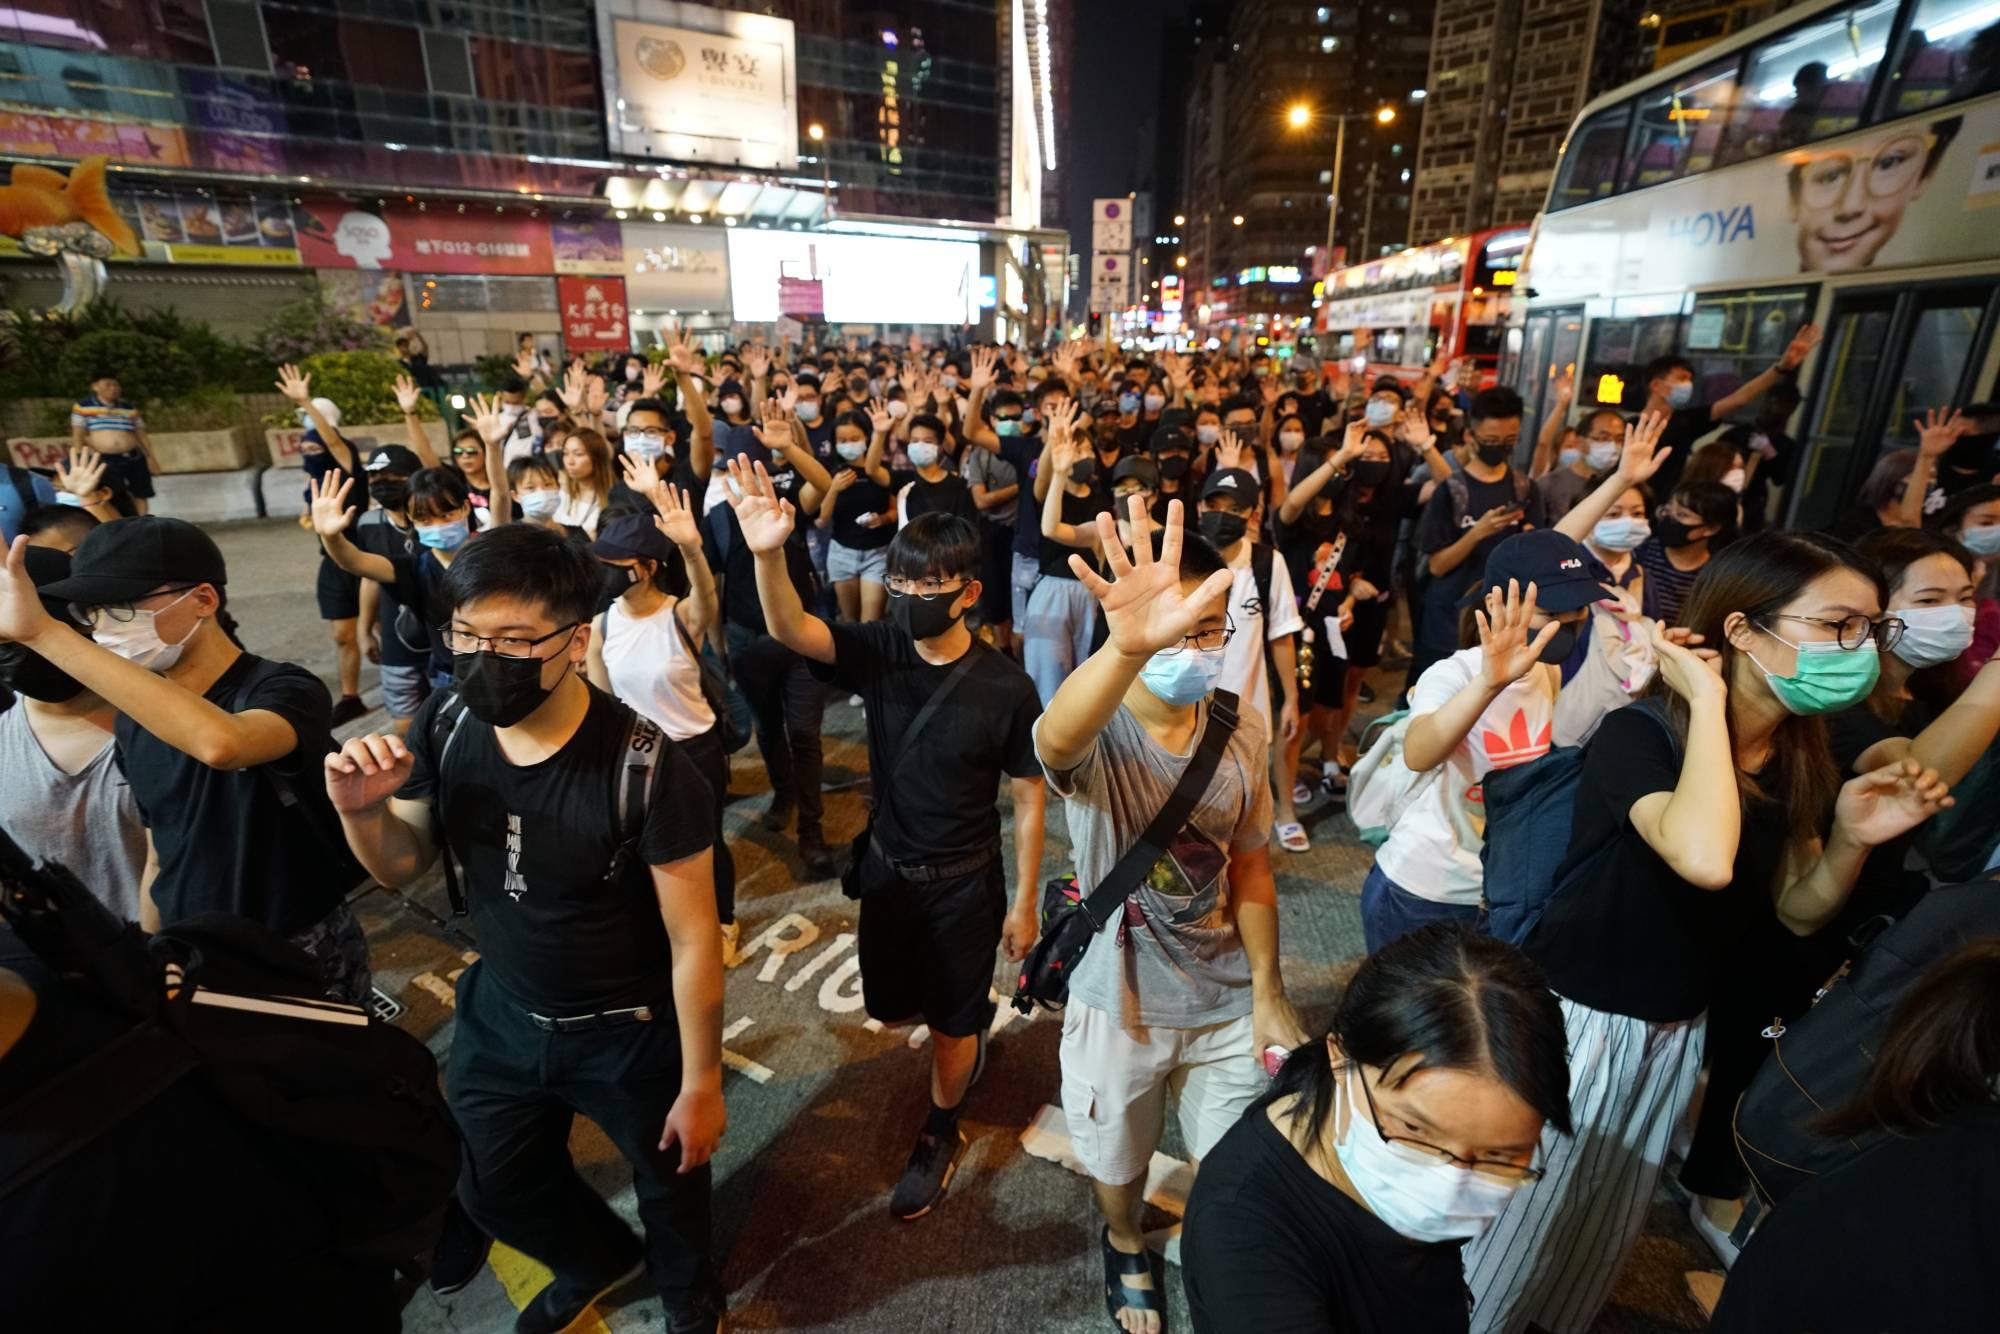 Hong Kong after the mask ban law